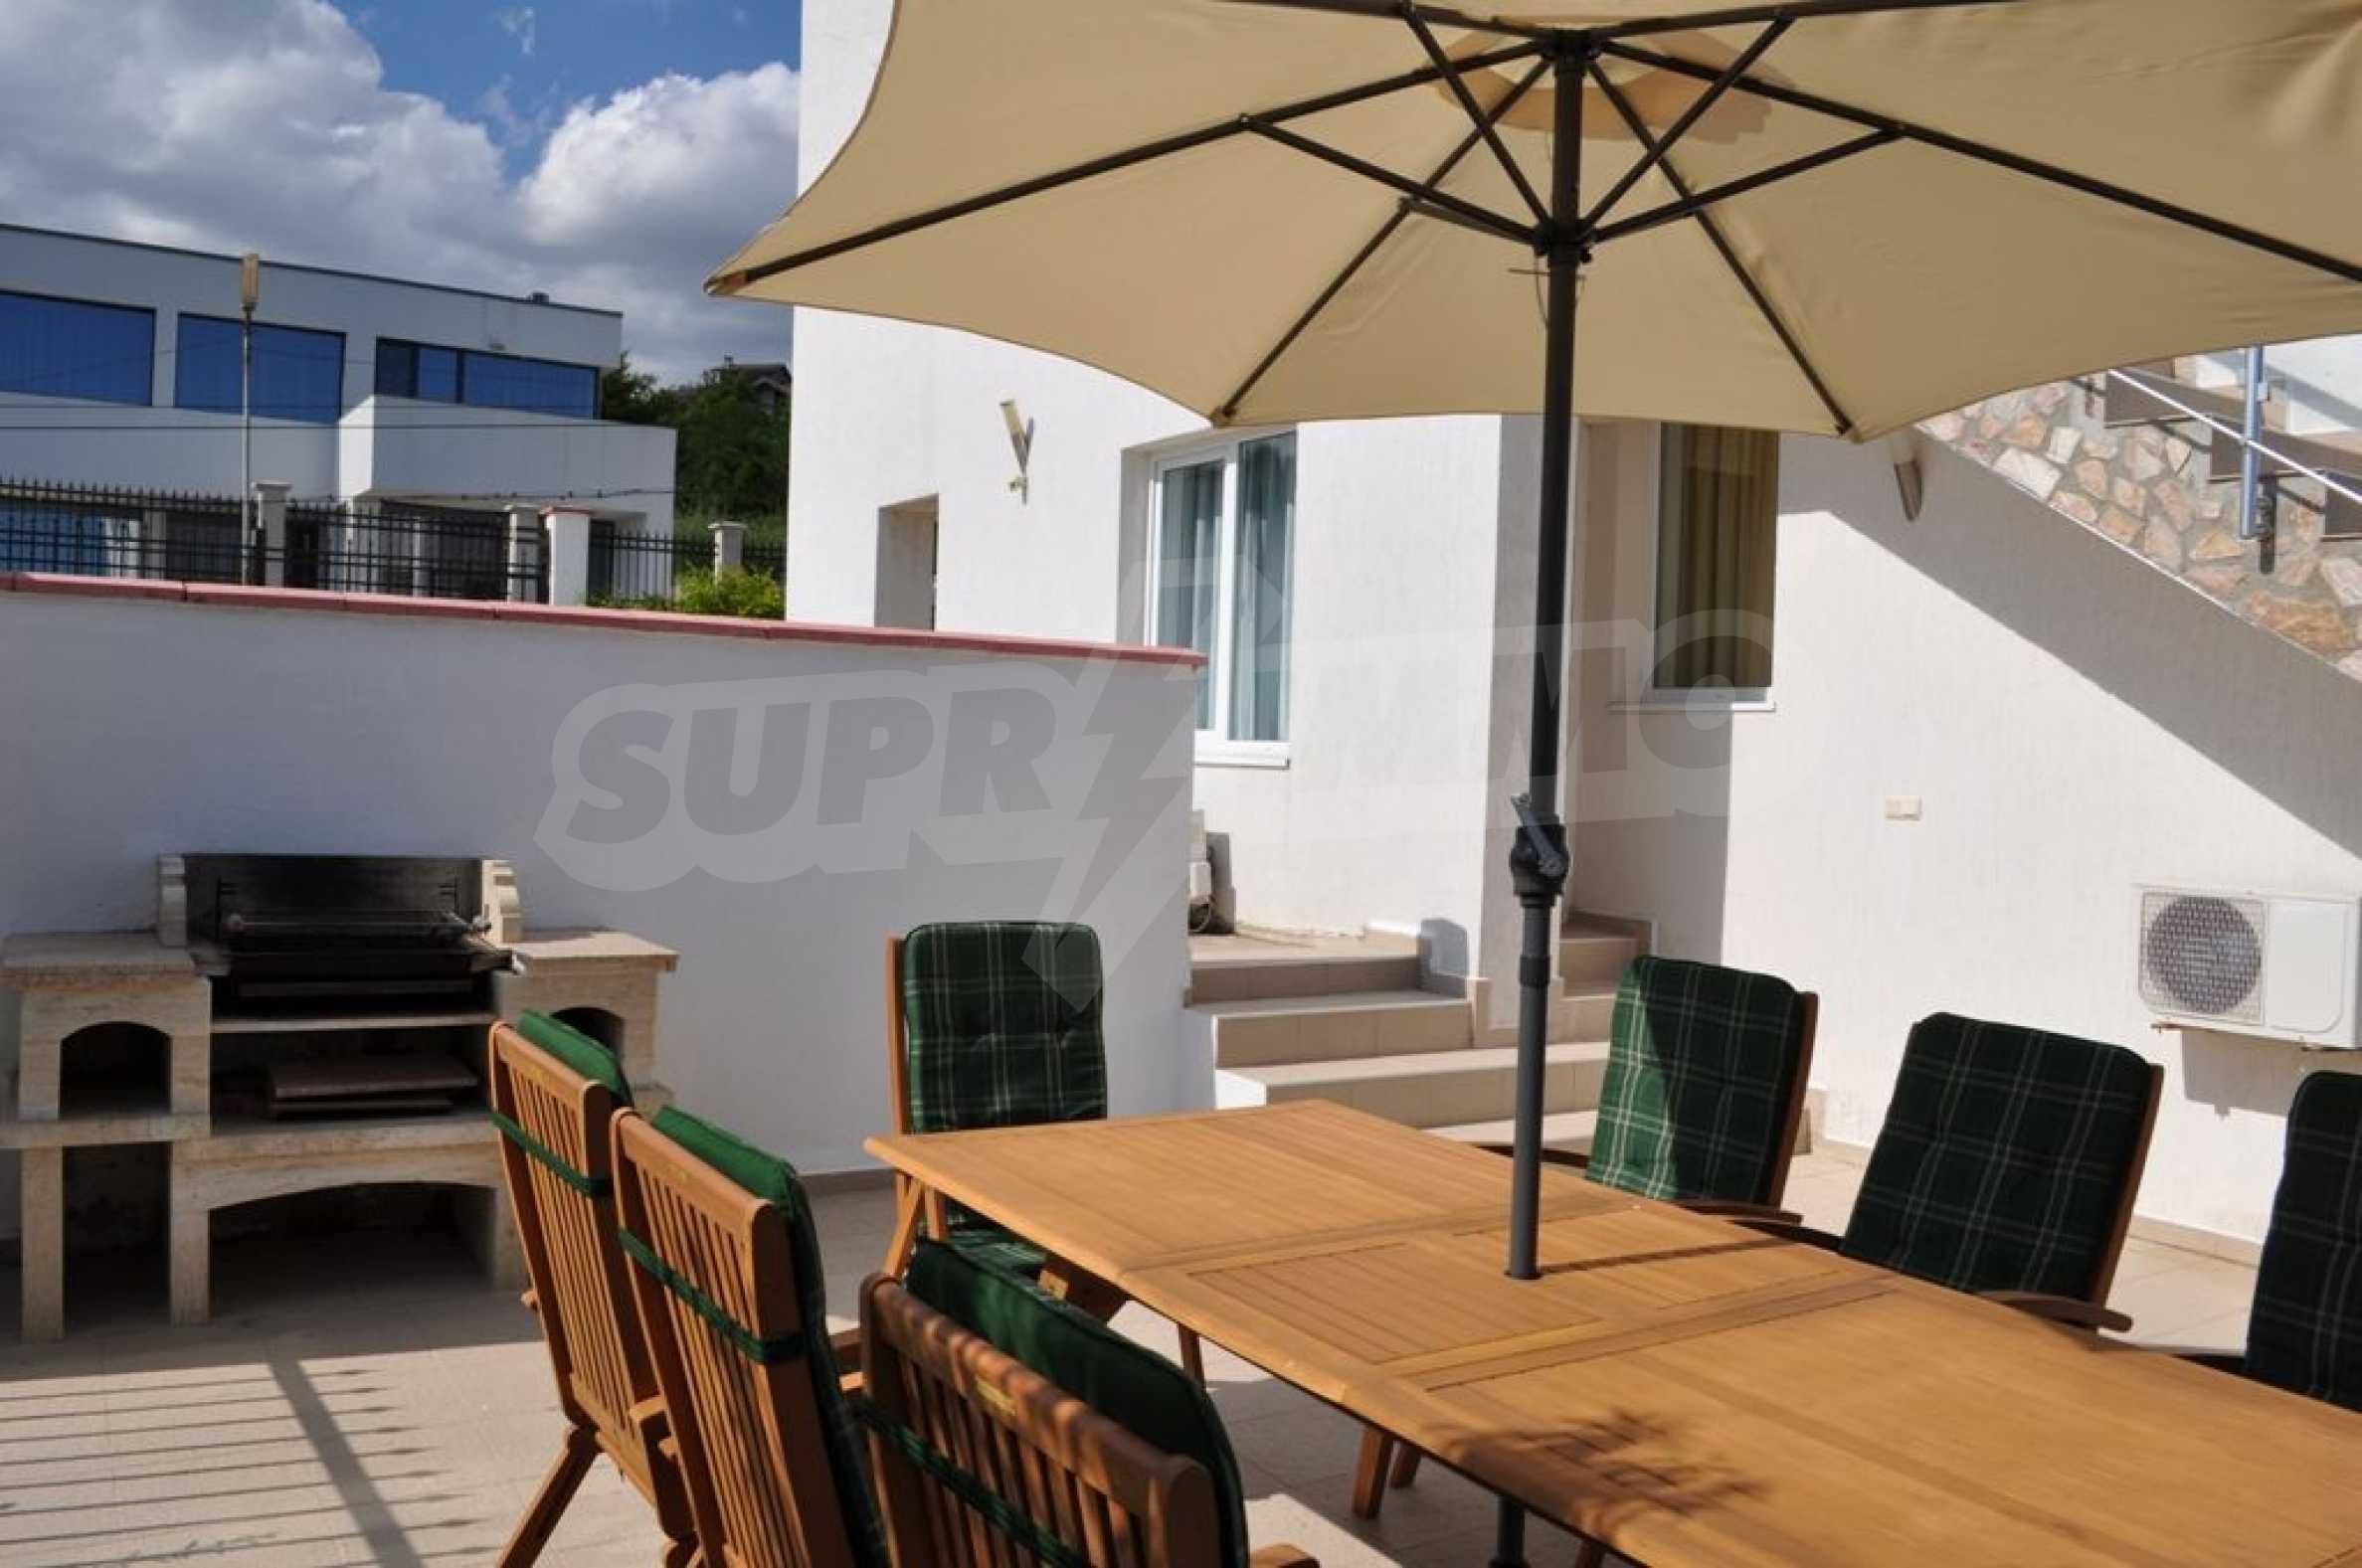 Luxusvilla mit 4 Schlafzimmern zu vermieten in der Nähe des Resorts. Albena 22